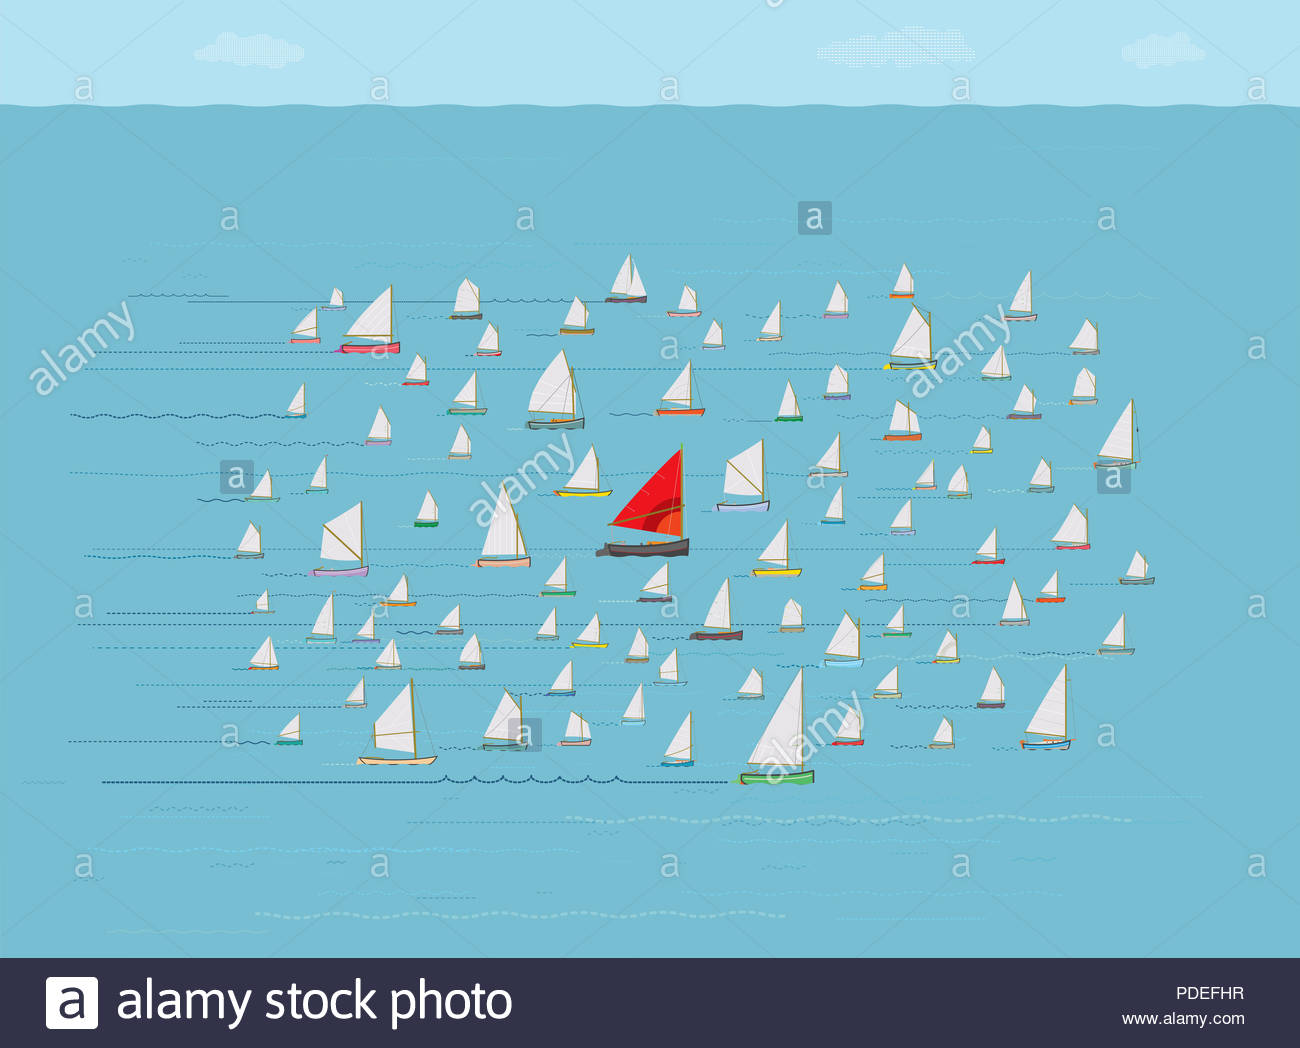 Vaya con el flujo velero, va junto con la multitud, seguridad en los números, náutica, conceptos e ideas, misma dirección, corriendo con el paquete. Imagen De Stock